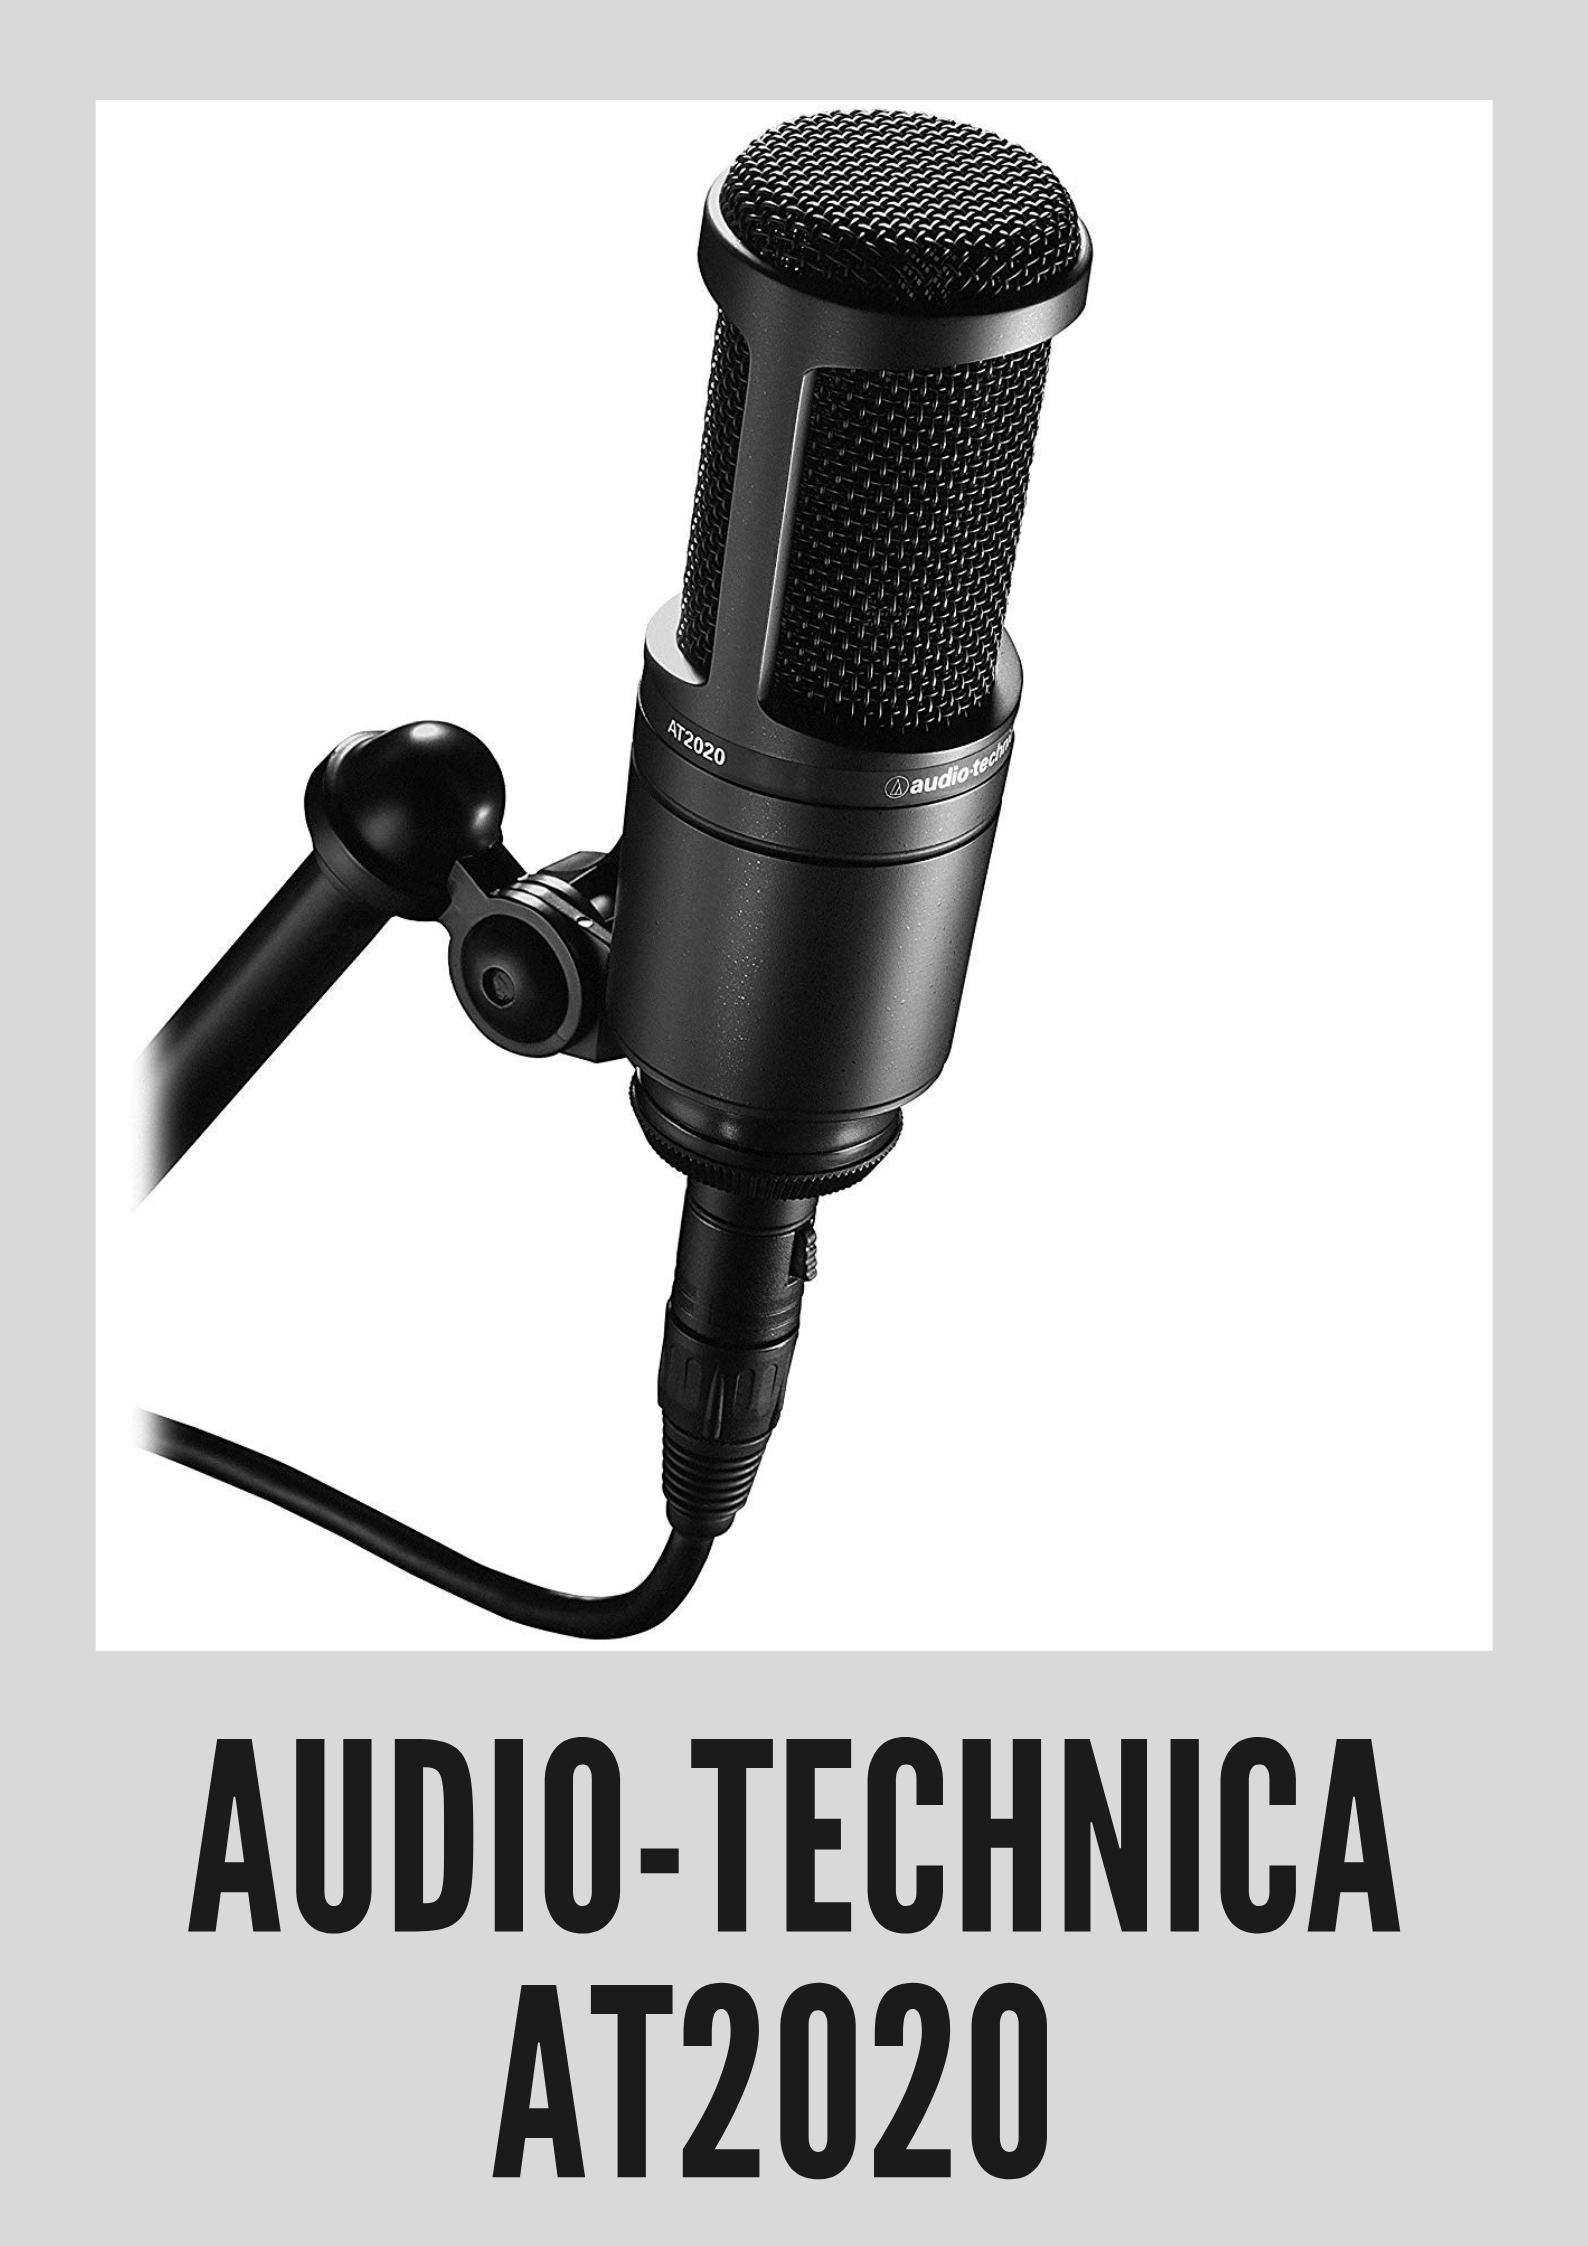 Audio Technica At2020 Cardioid Condenser Studio Xlr Microphone Audio Technica Microphone Audio